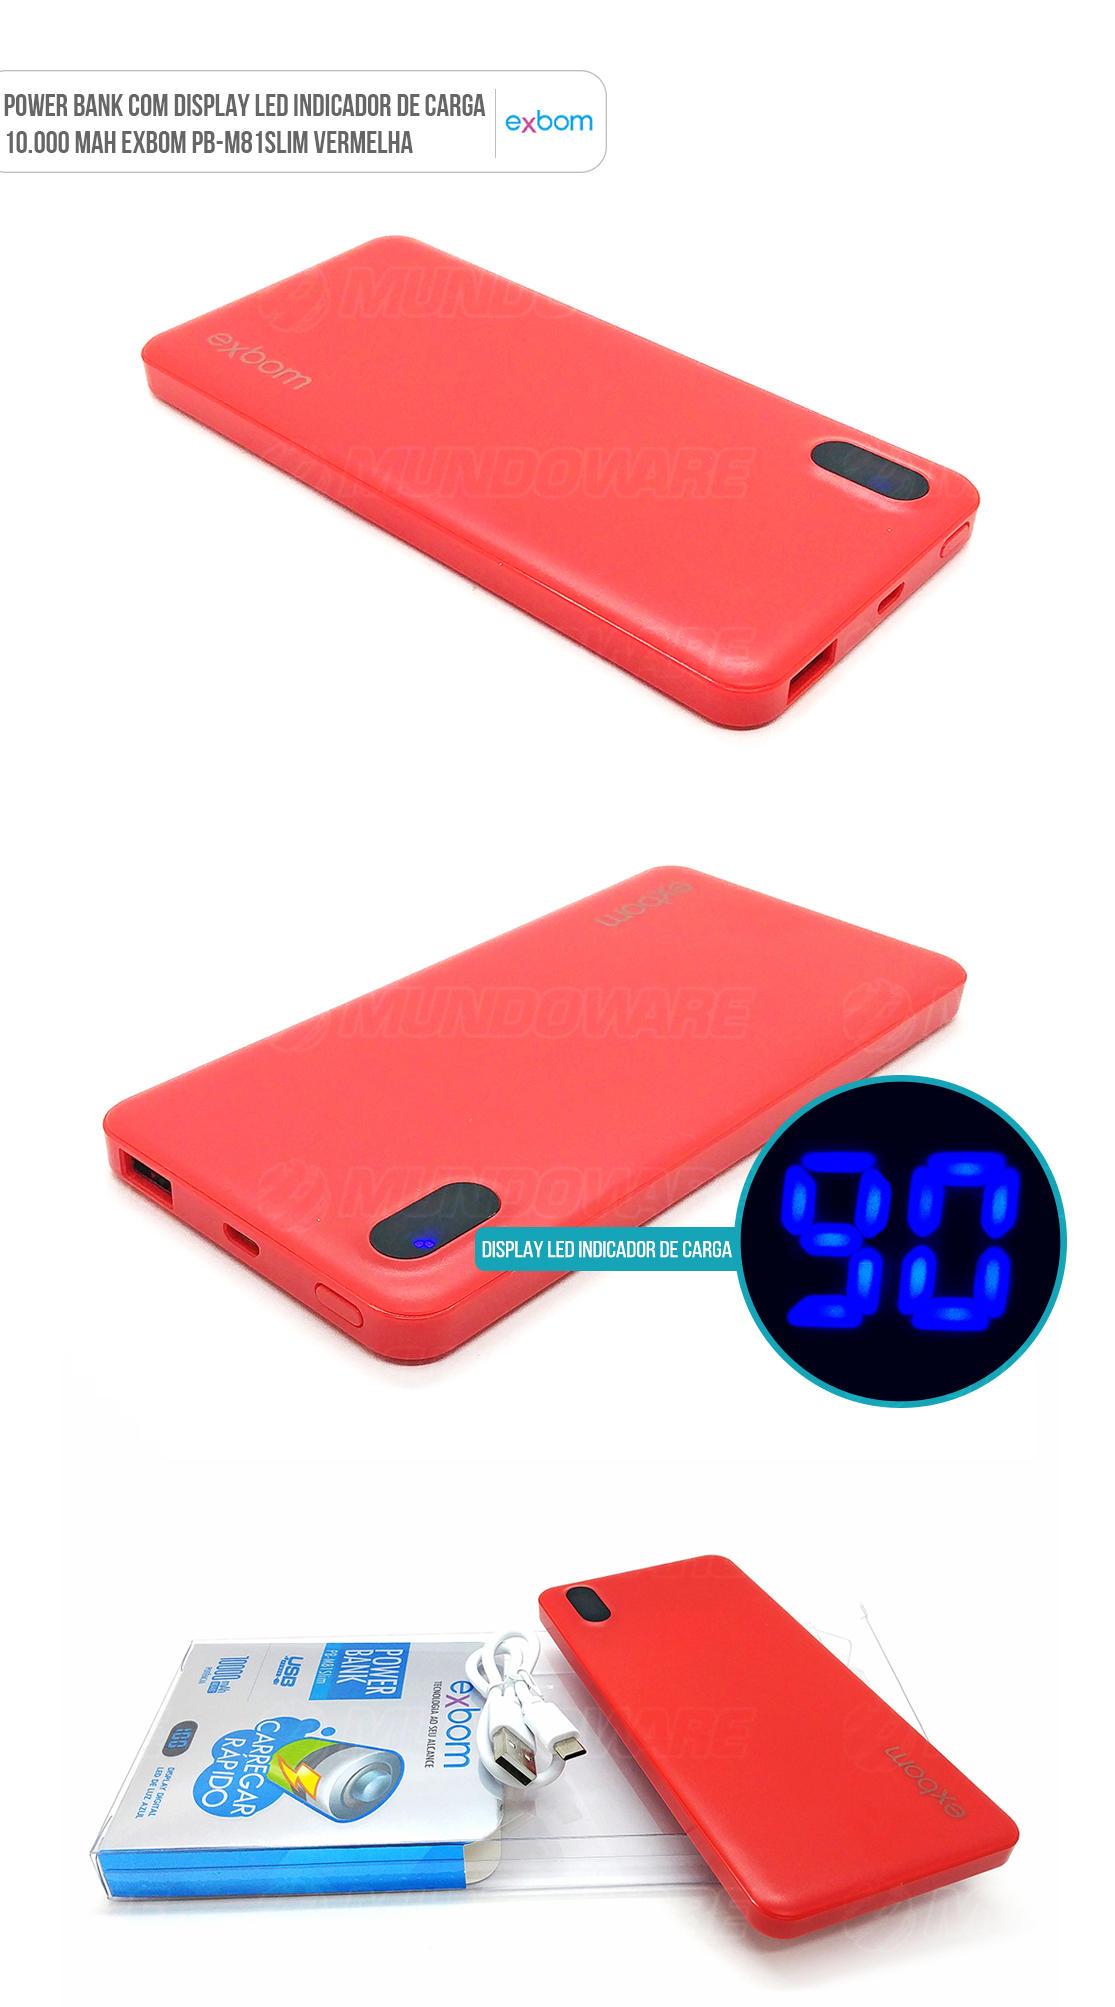 Carregador Portátil Universal Vermelho para Celular de 10000mah com LED indicador de carga